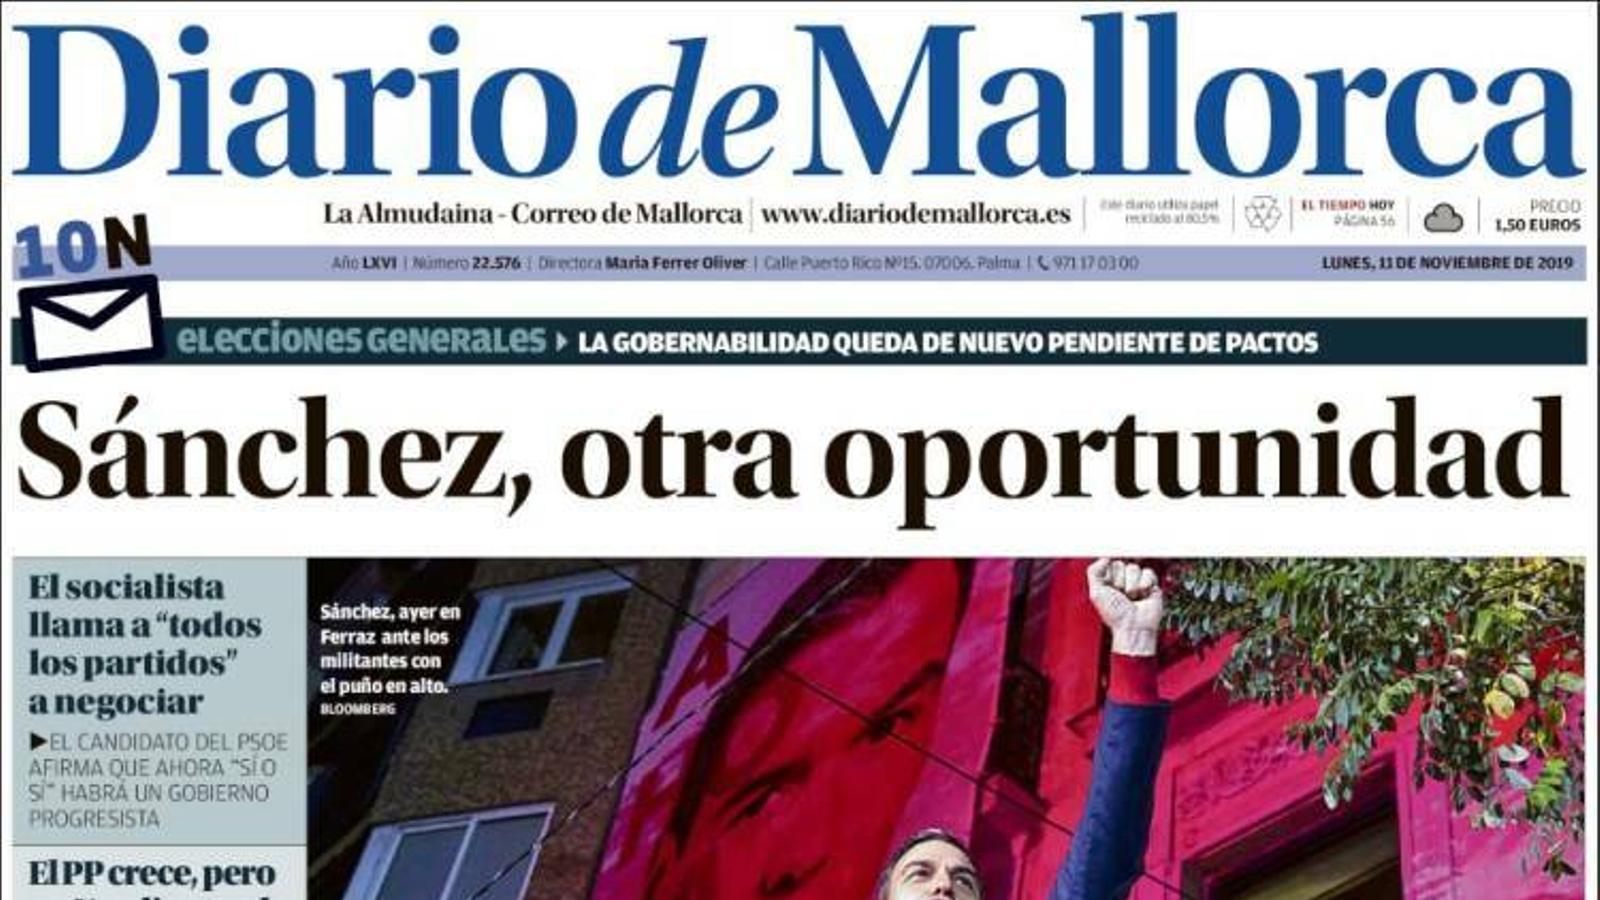 """""""Sánchez fracassa en el seu plebiscit i dificulta encara més la governabilitat"""", portada de 'Diario de Mallorca'"""